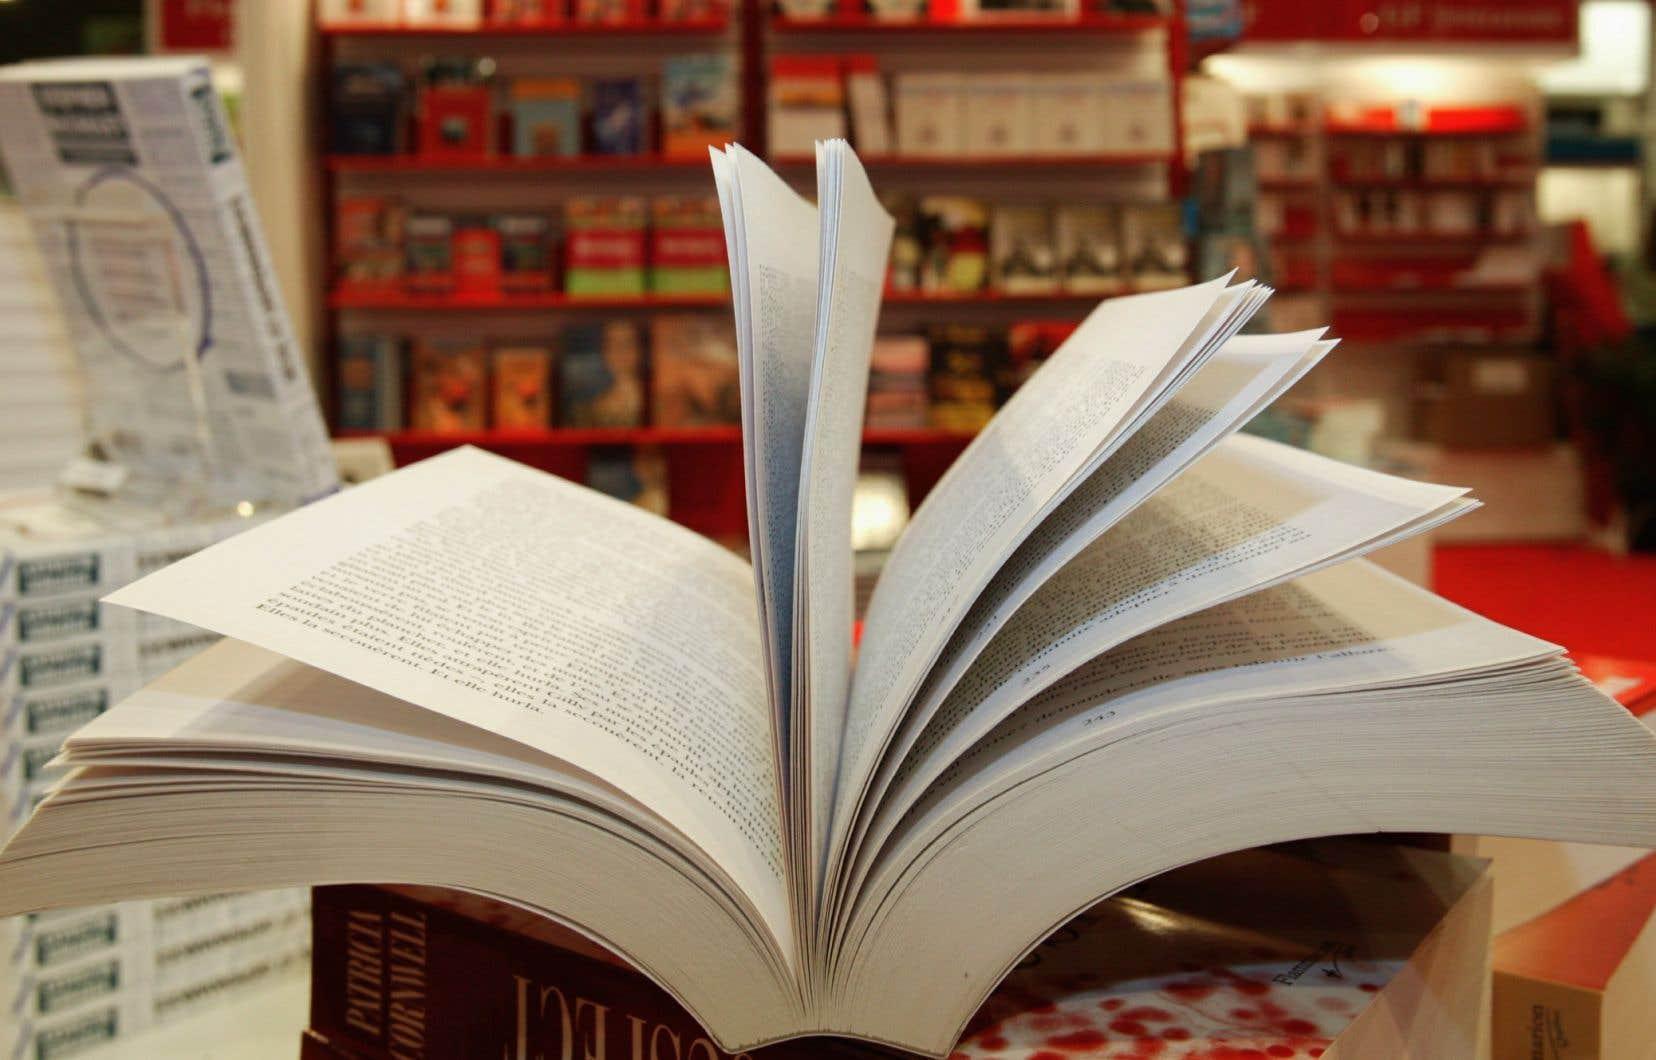 L'UNEQ aimerait également qu'il y ait plus de bourses pour davantage d'auteurs.